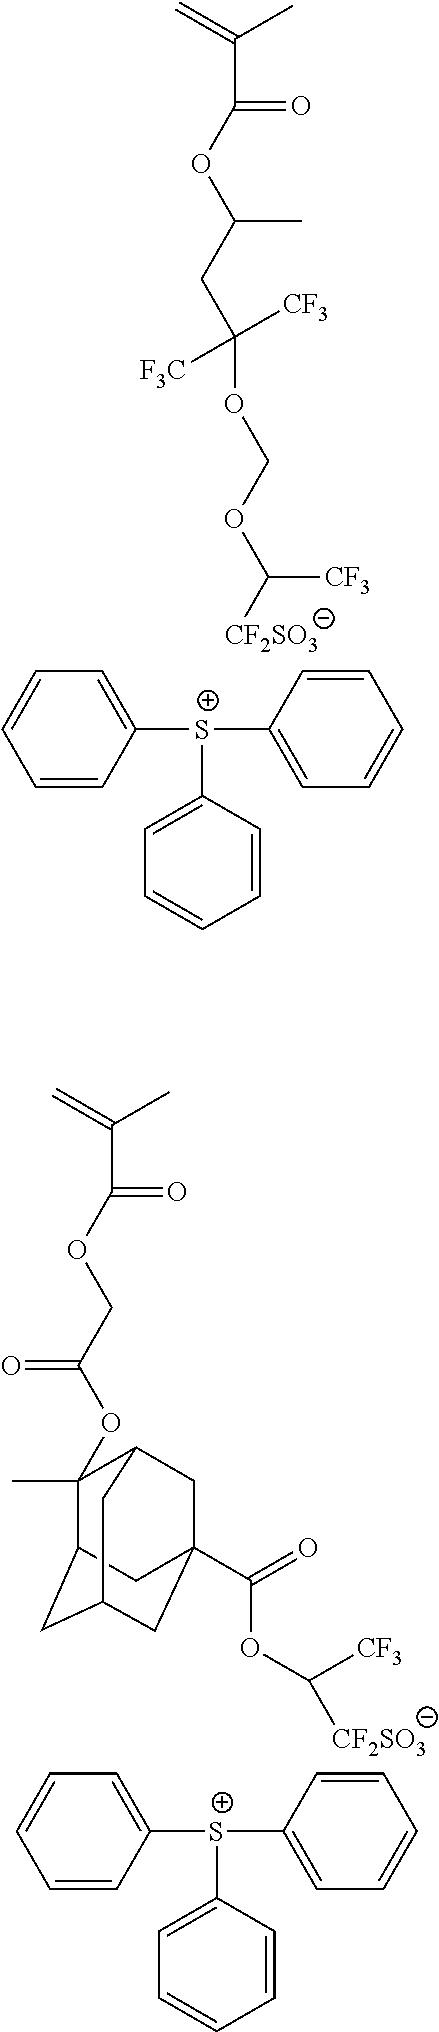 Figure US20110269074A1-20111103-C00018